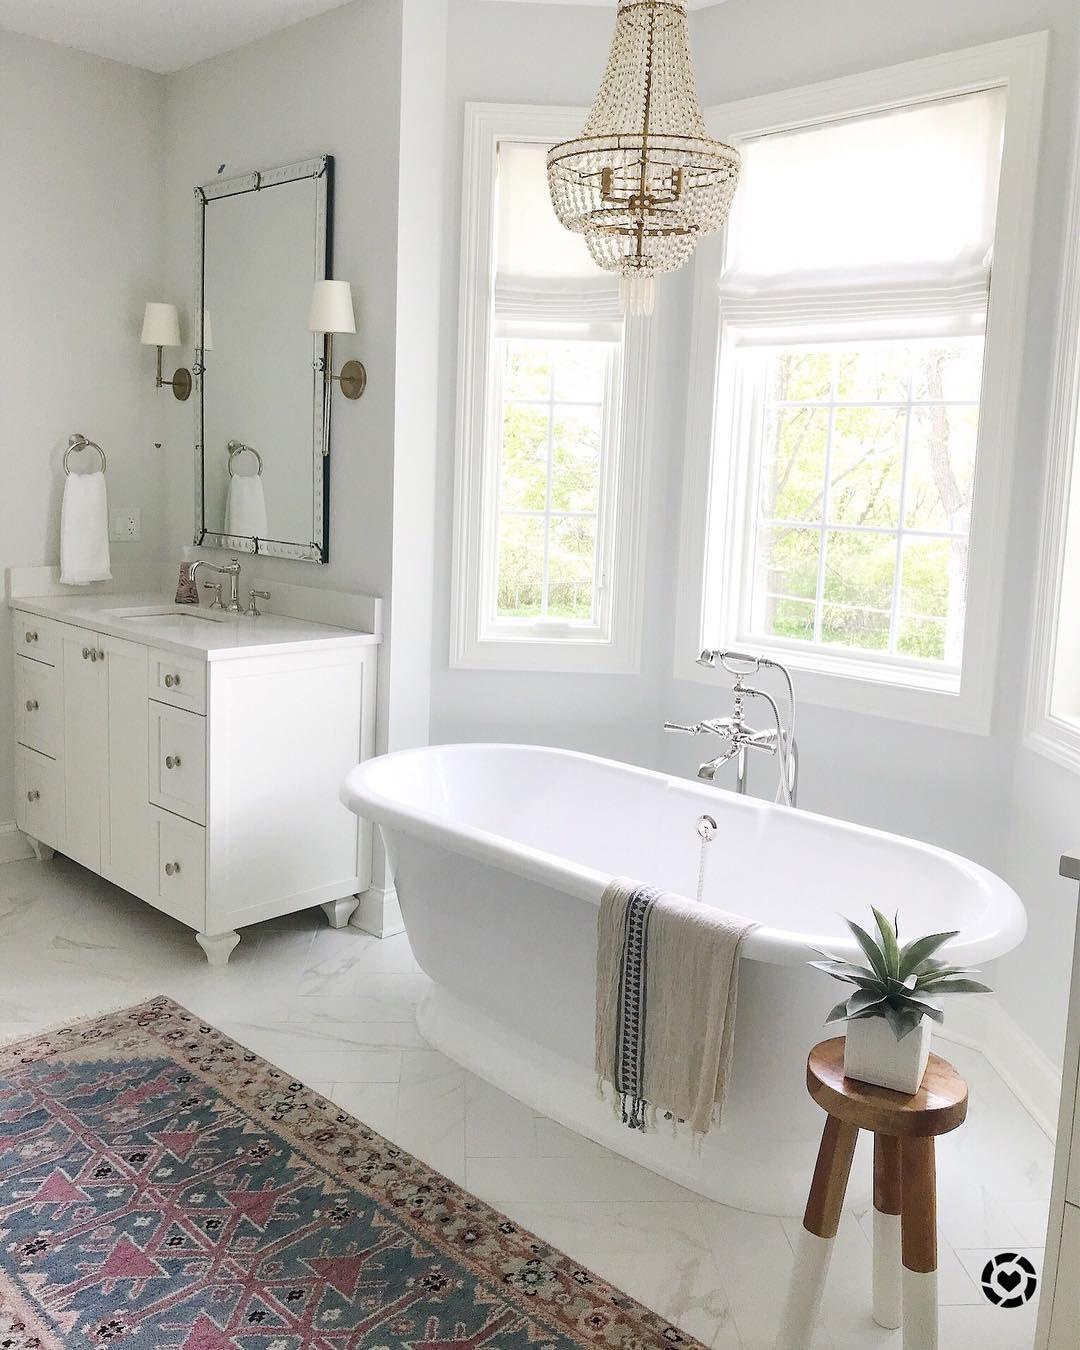 baths in simple white | Design master, Clawfoot bathtub ...